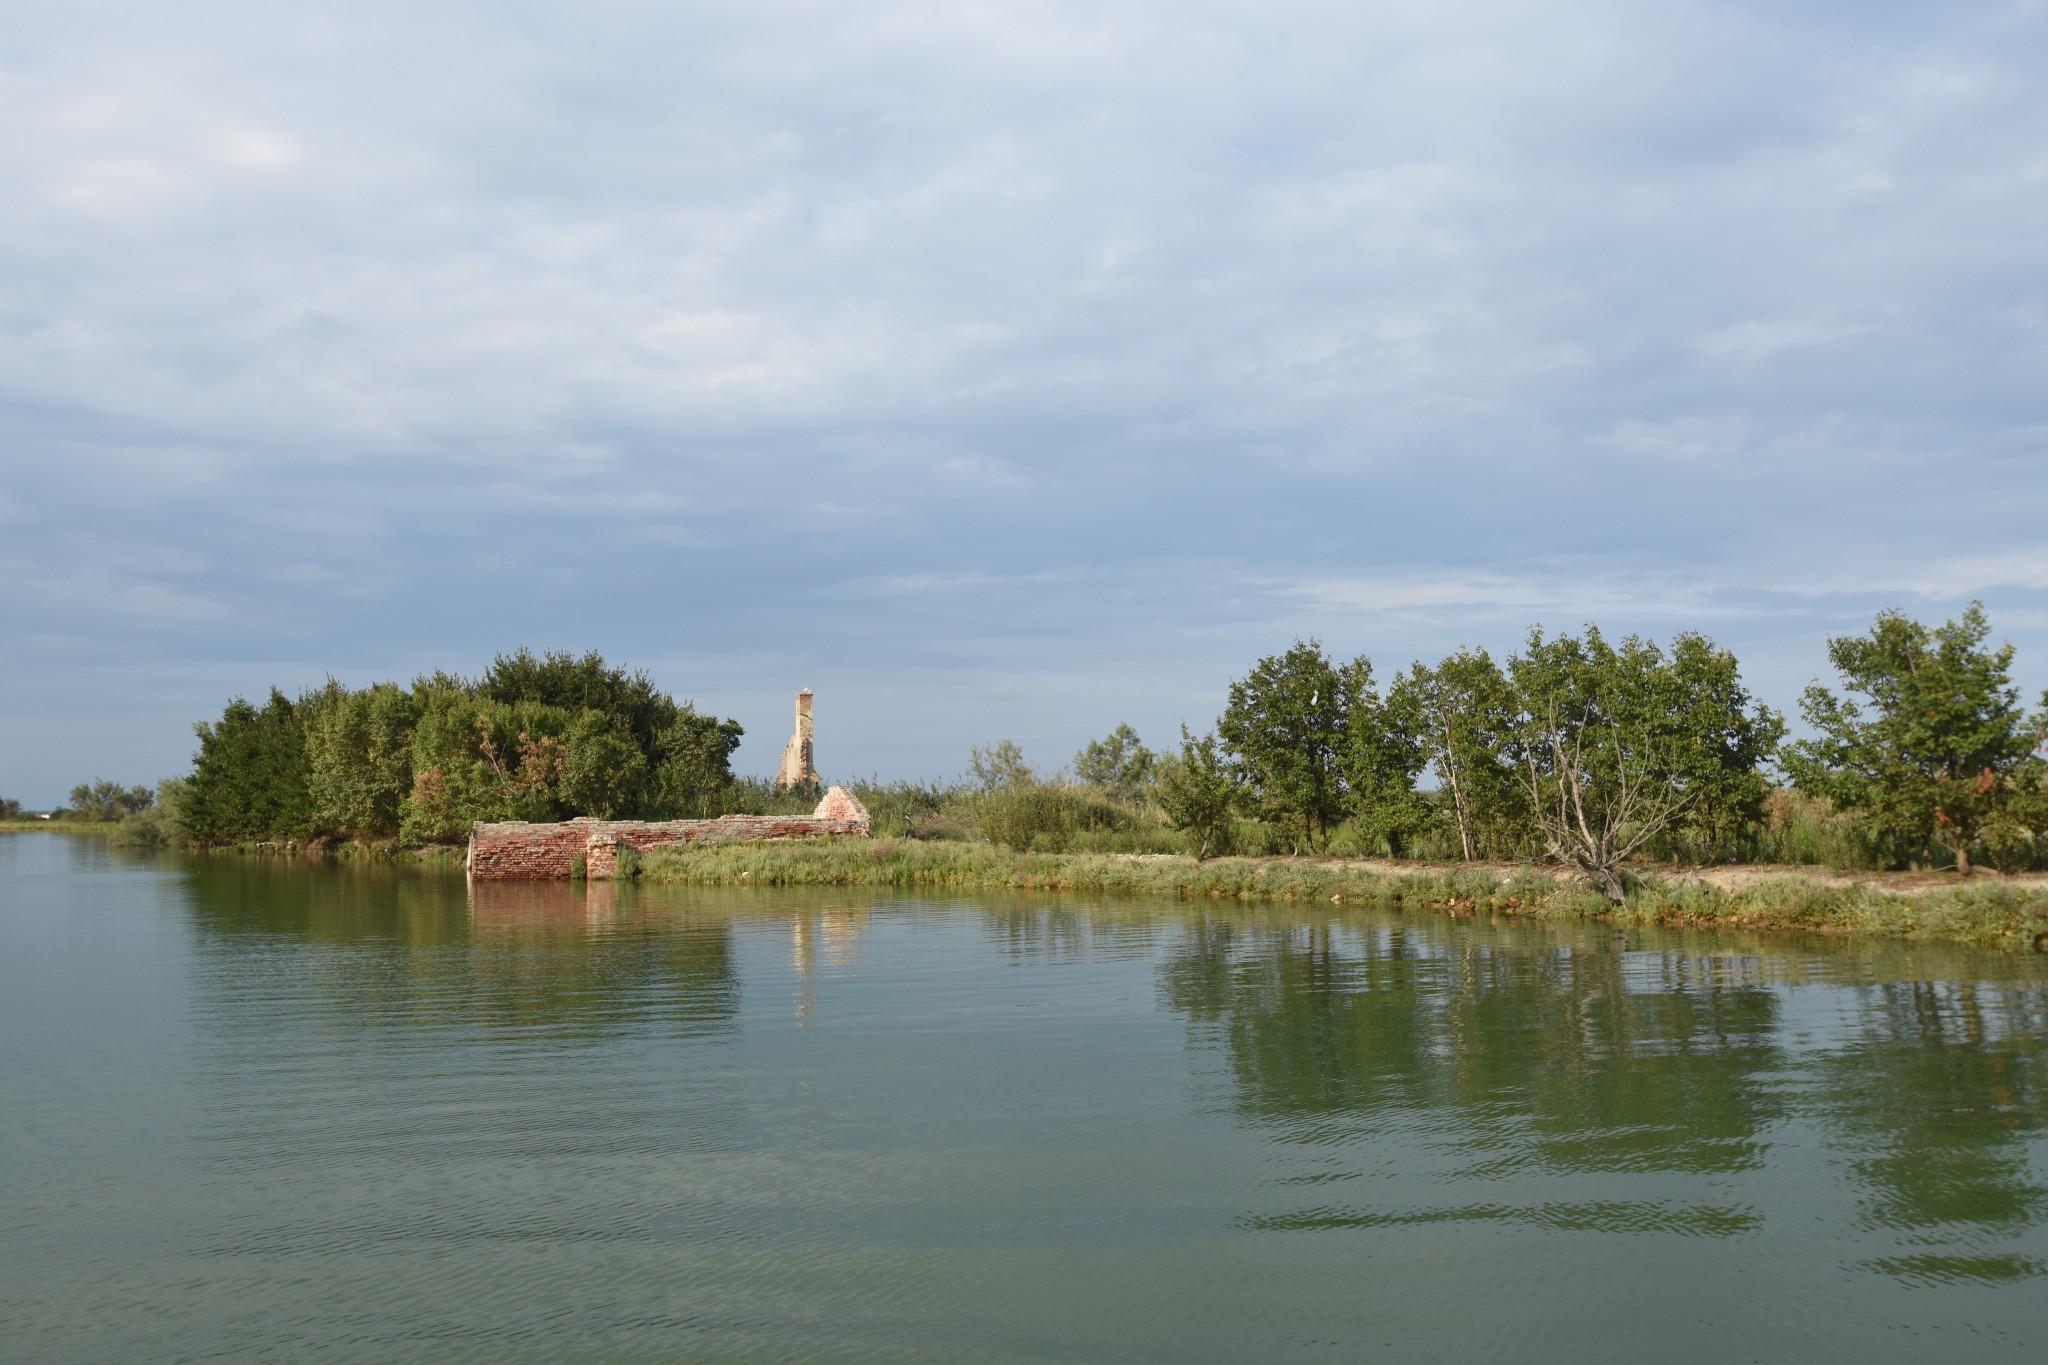 Tour of the lagoon